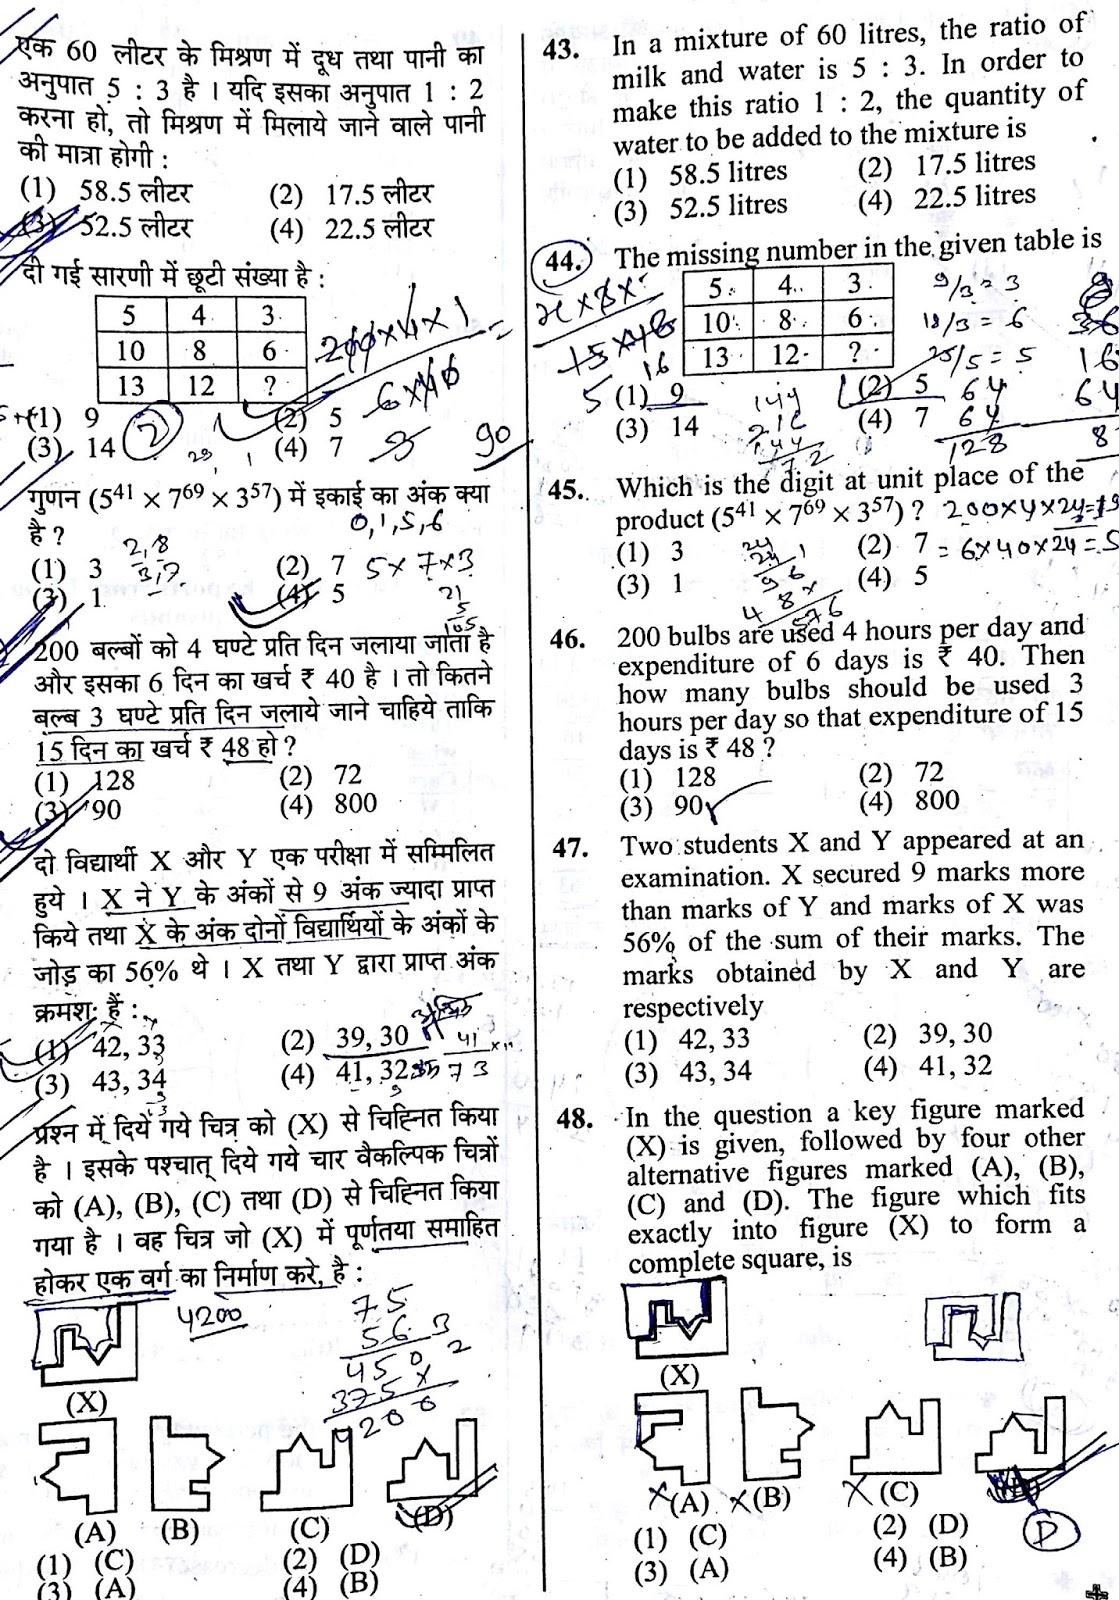 lekhavigya and rajasthan niyam rules